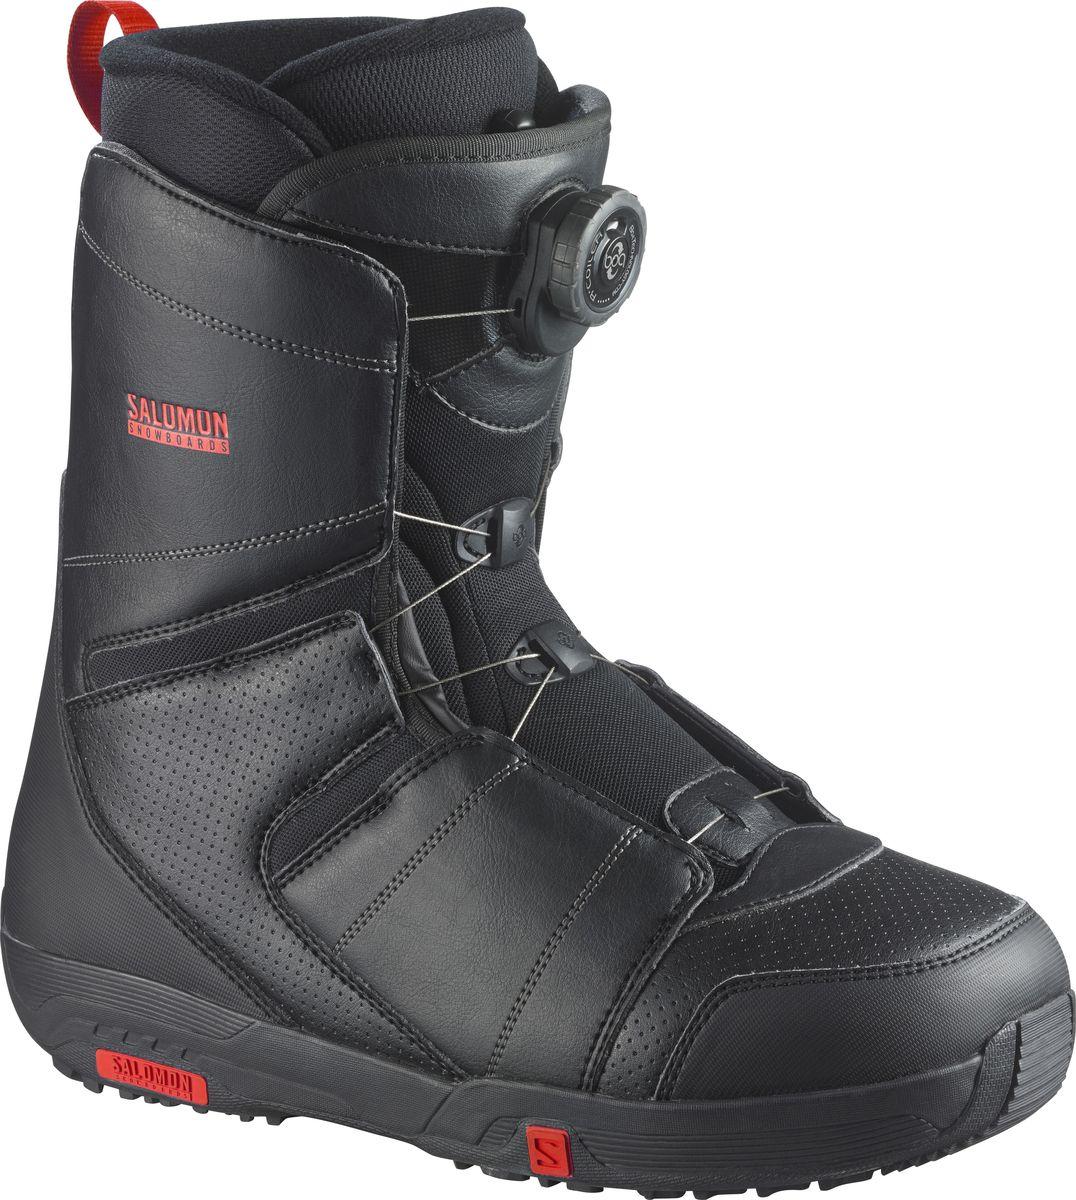 Ботинки для сноуборда Salomon Faction Boa, цвет: черный, красный. Размер 26,5 (40,5)L36898300Ботинки для сноуборда Salomon Faction Boa – ботинки средней жесткости с базовым набором технологических характеристик, необходимых для комфортного катания и уверенного прогресса. Шнуровка BOA не отнимет много времени и позволит подогнать ботинок по ноге, не снимая перчаток. Внутренник Silver Fit идеально подгоняется под анатомические особенности ног райдера при температуре тела и надолго сохраняет оптимальную форму, а средняя жесткость позволяет использовать ботинки максимально универсально, пробуя разные стили катания.